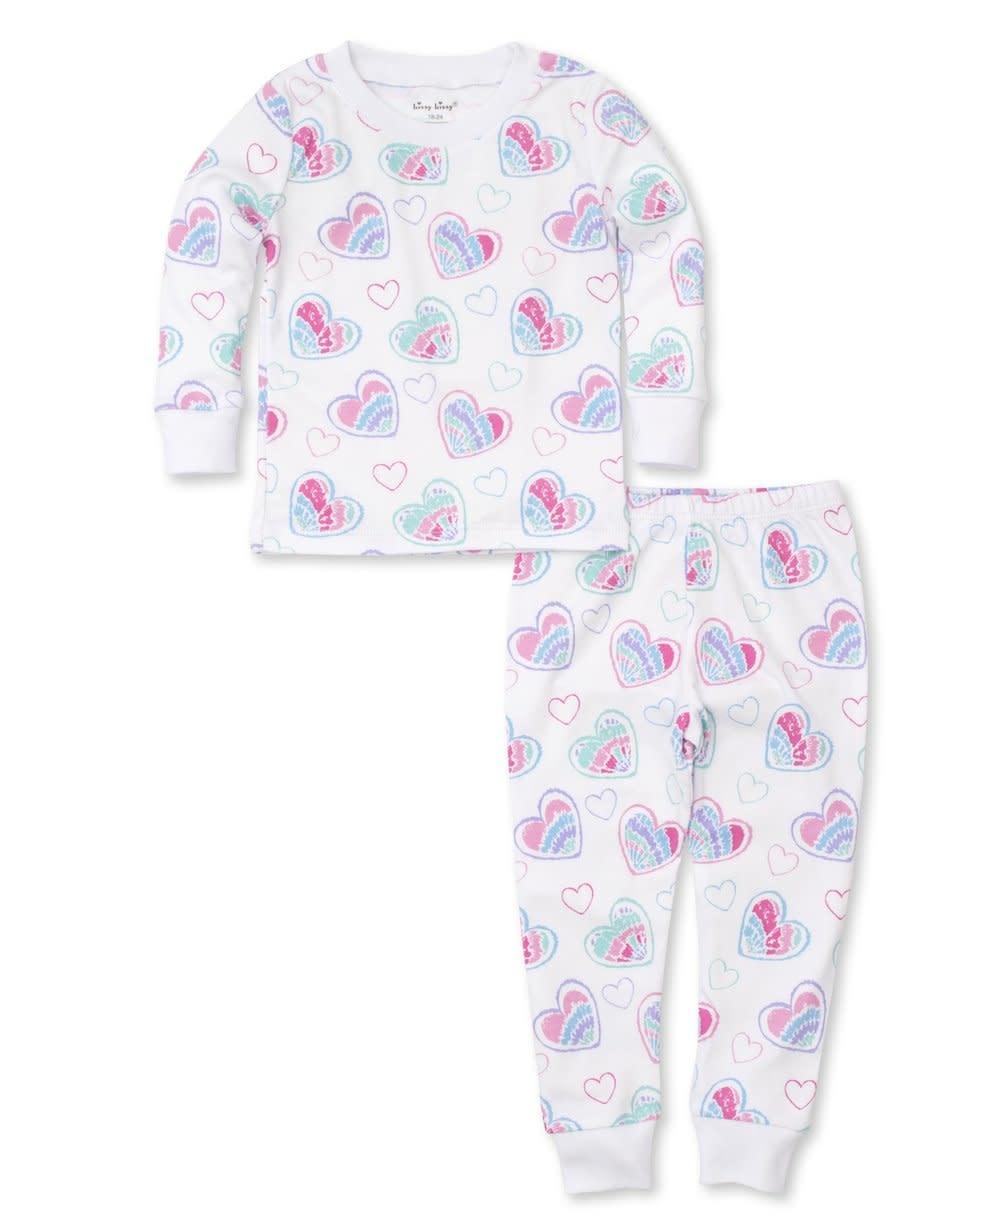 Kissy Kissy Tie Dye Heart Pajama Set